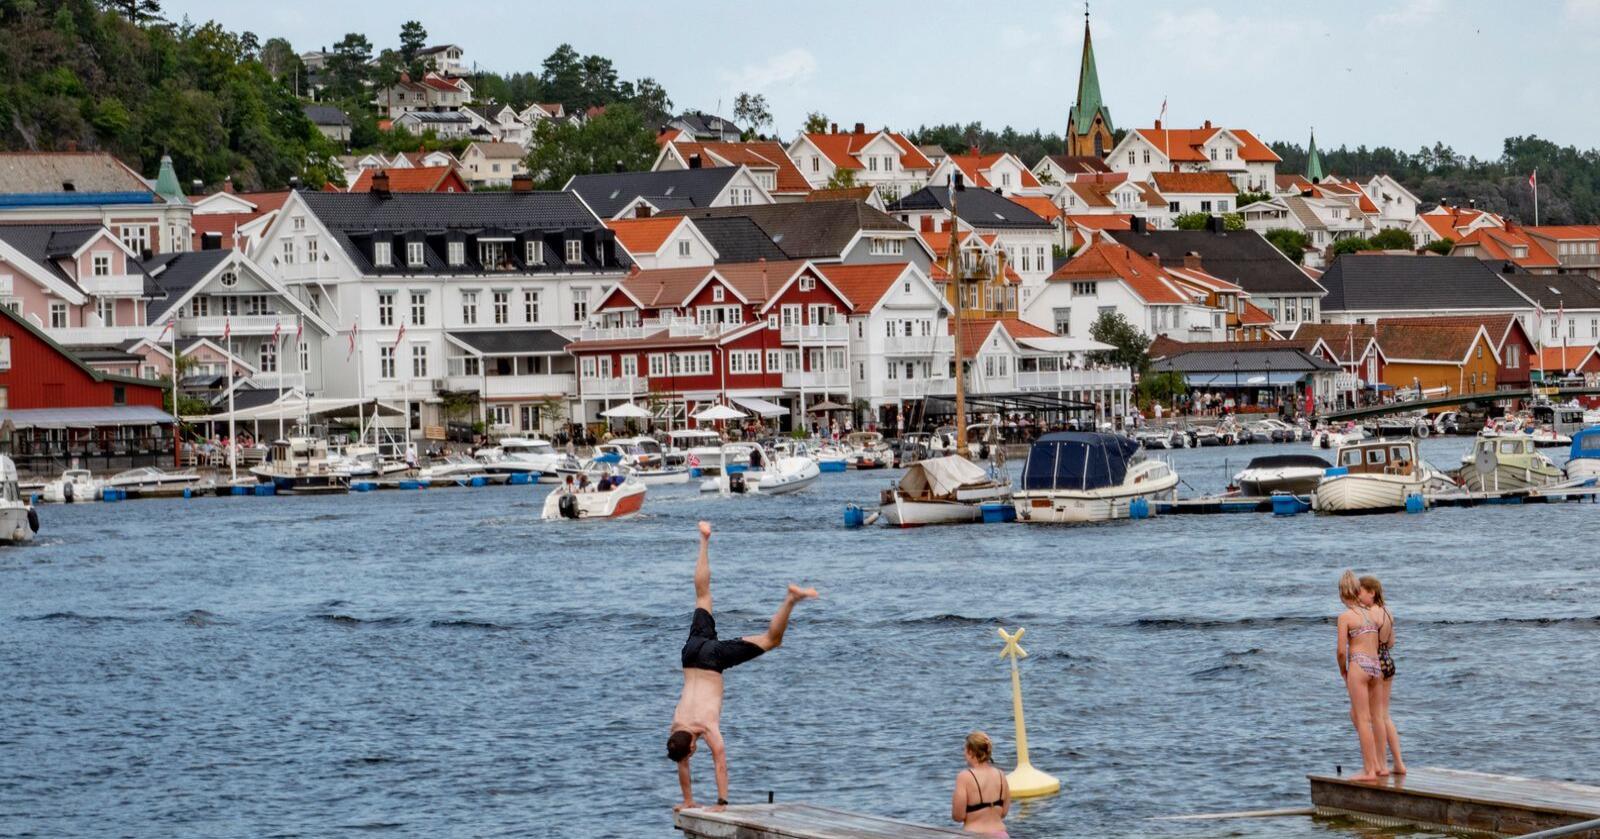 Sol sommer og hetebølge i Kragerø.  Folk koste seg i varme Kragerø lørdag. Her ved badestranden på GunnarsholmenFoto: Geir Olsen / NTB scanpix